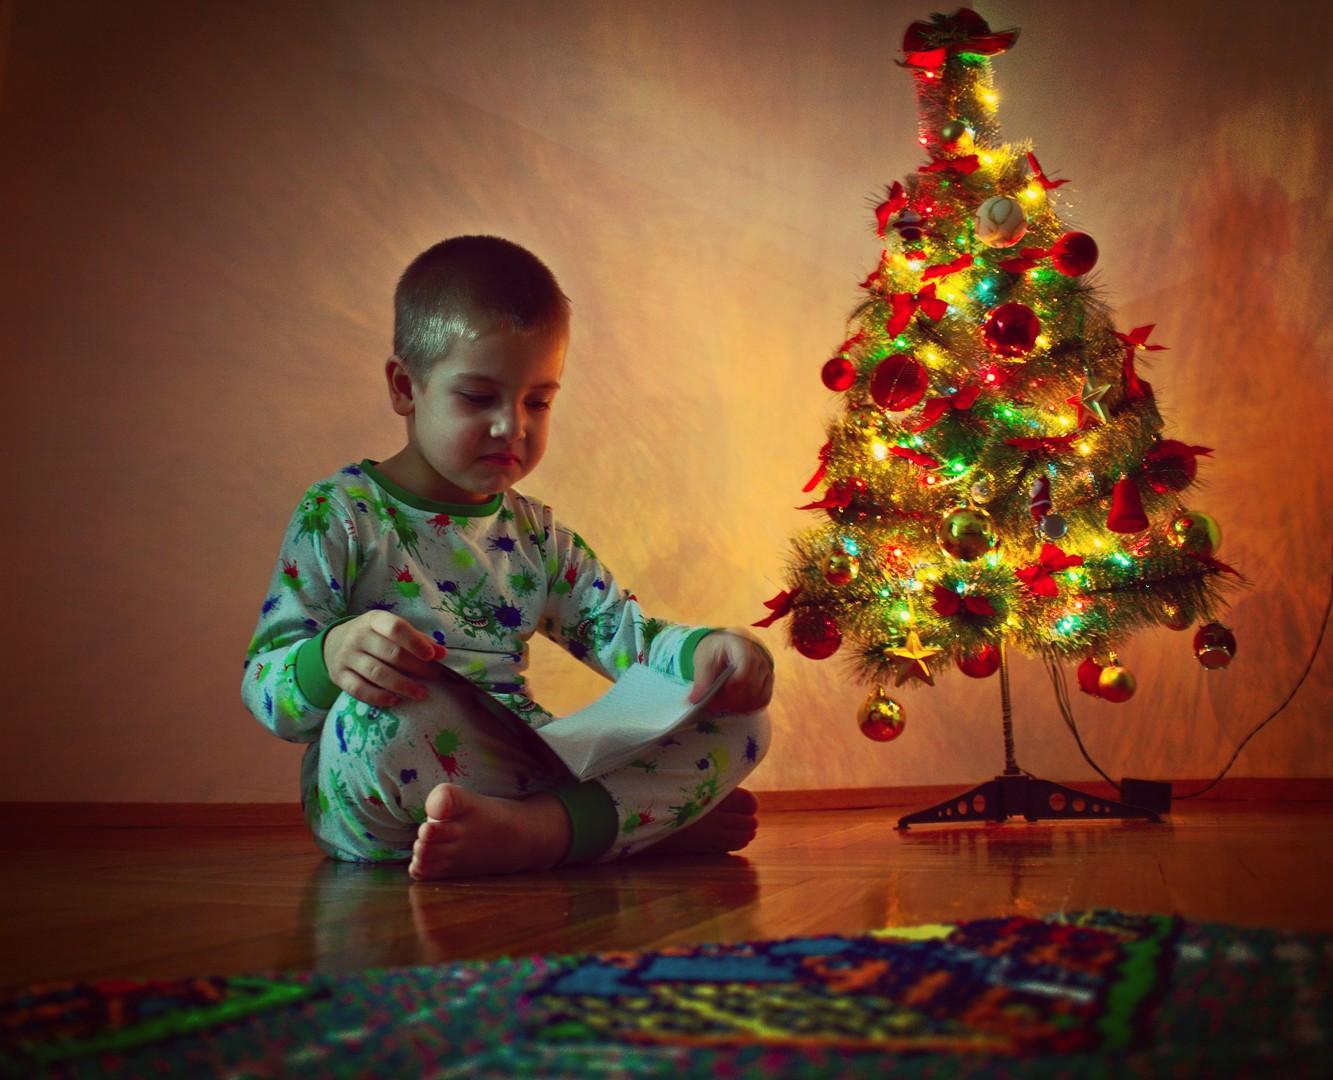 Čekajući poklone #1